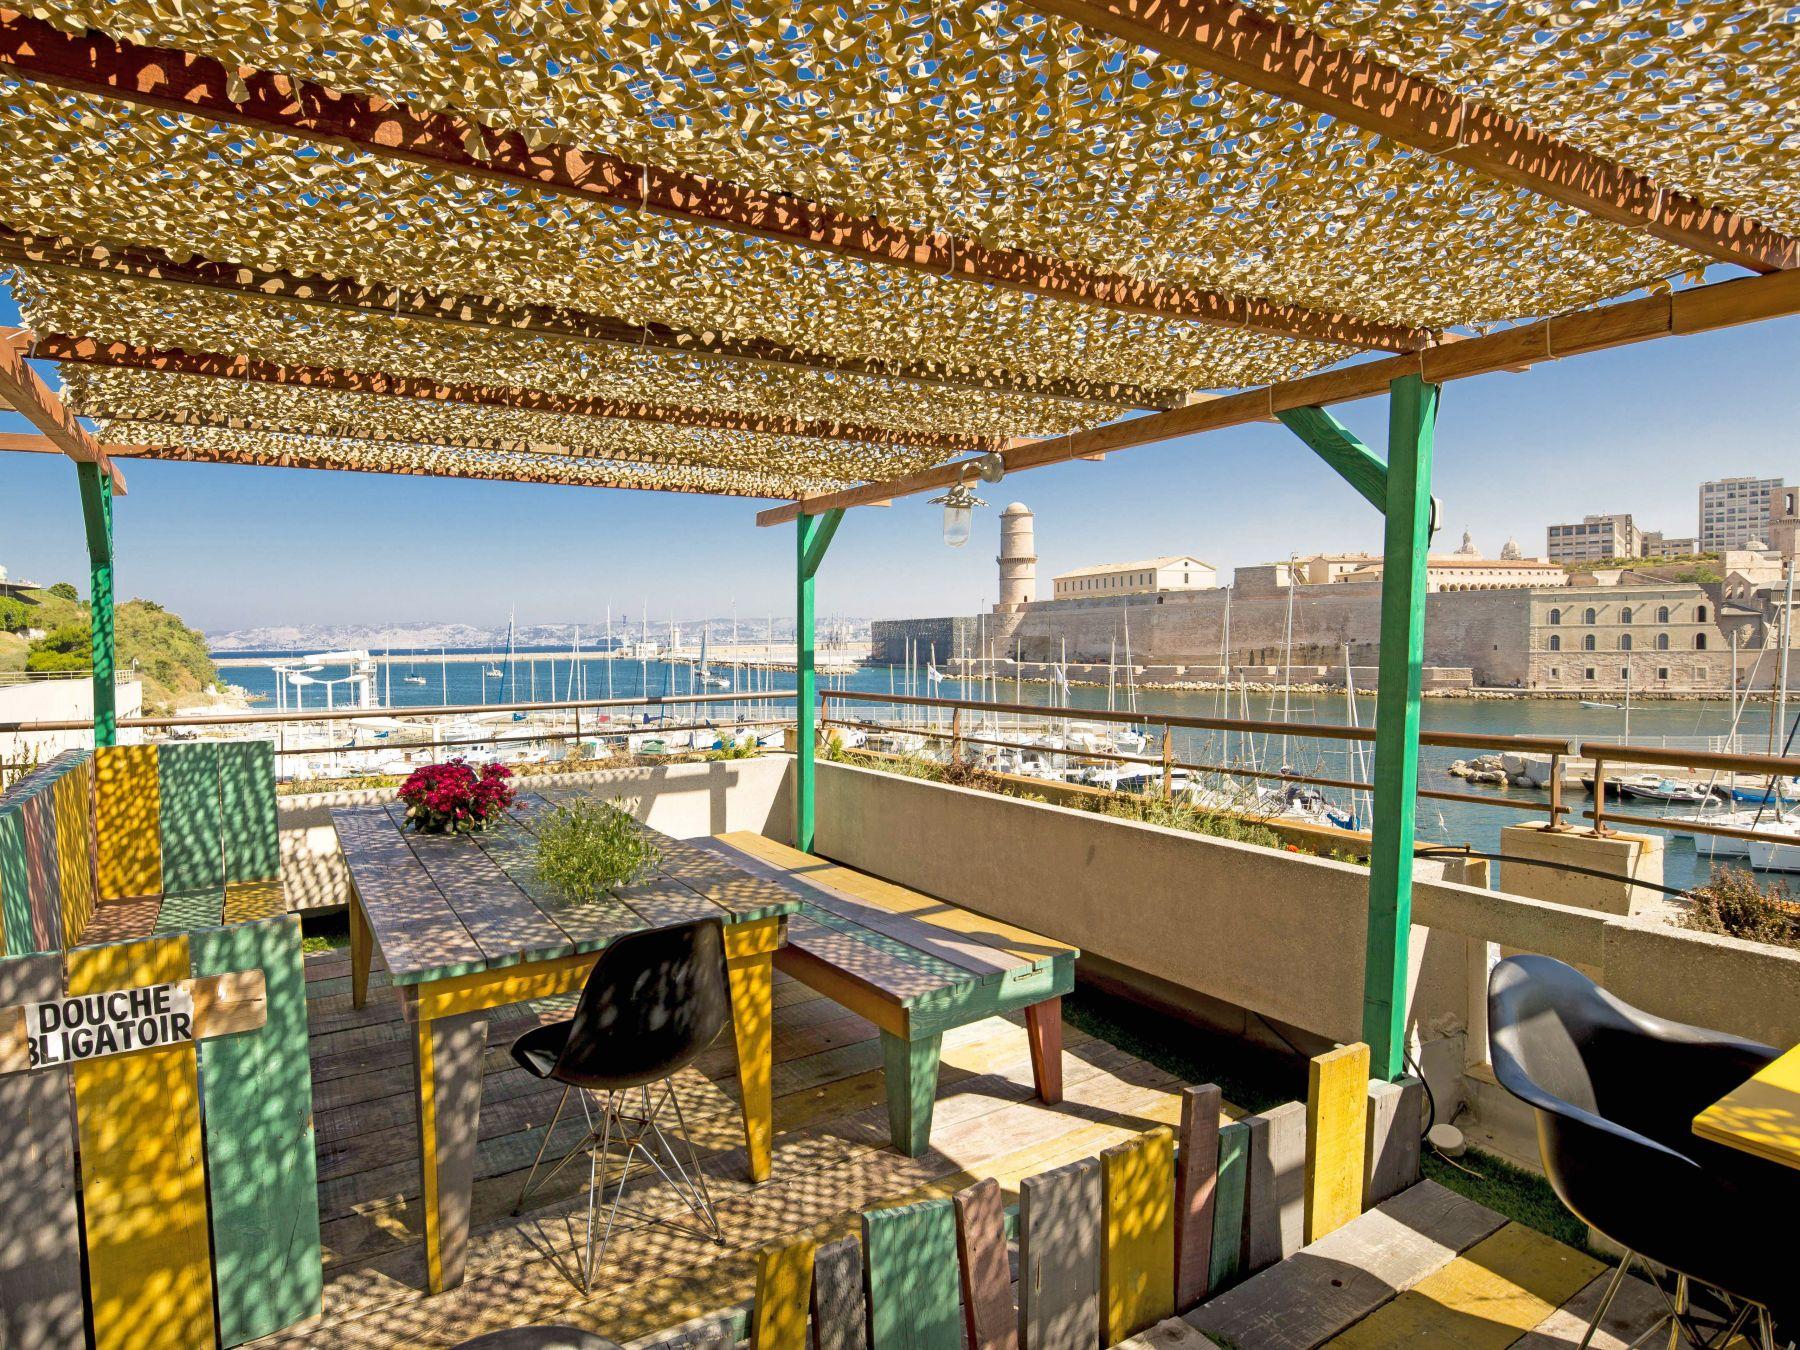 Rooftop vieux port de marseille le rowing club restaurants port et bord de mer marseille - Au vieux port marseille restaurant ...